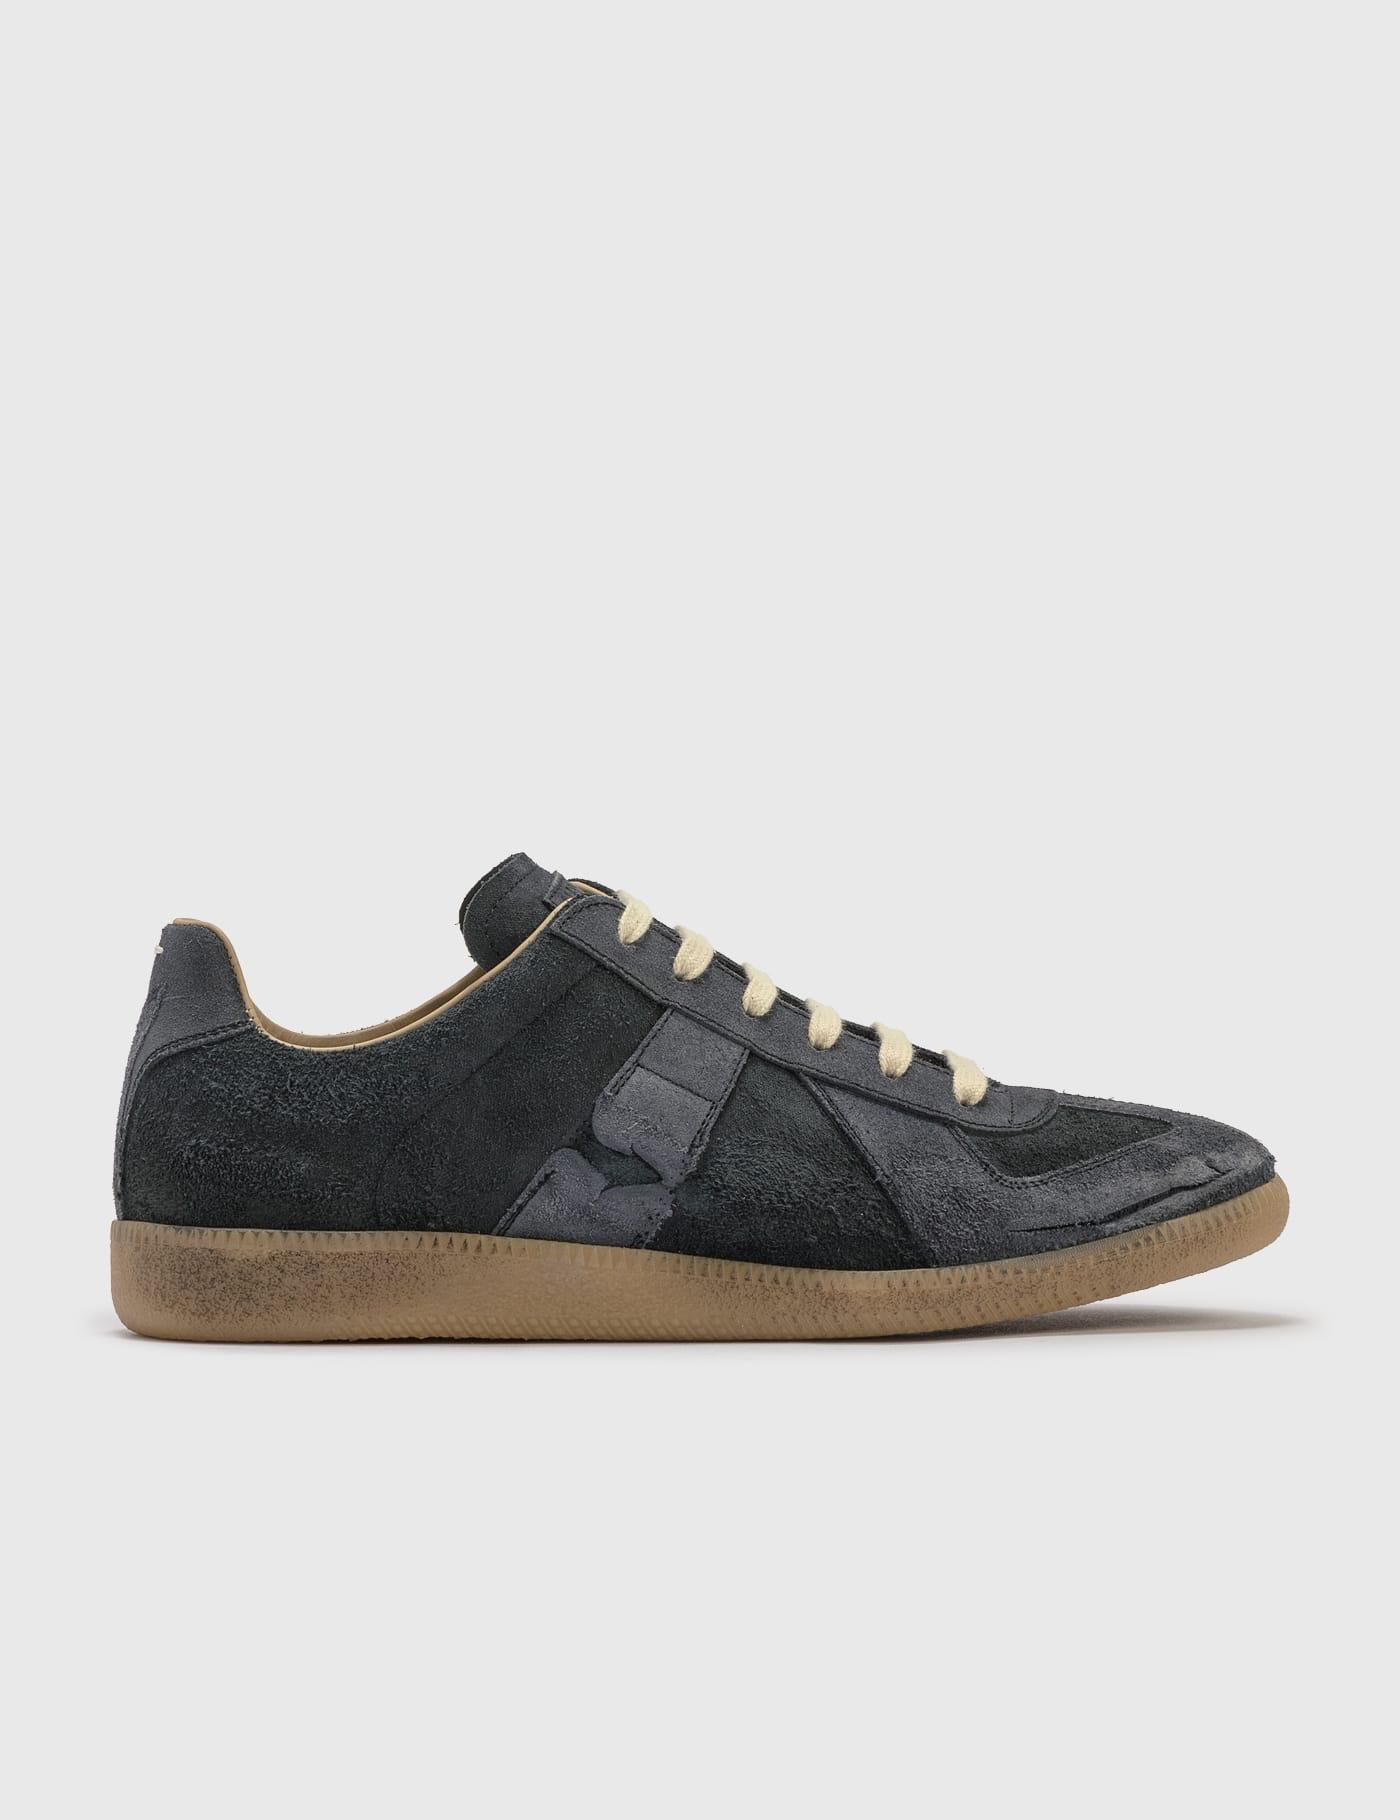 Replica Low Top Sneakers